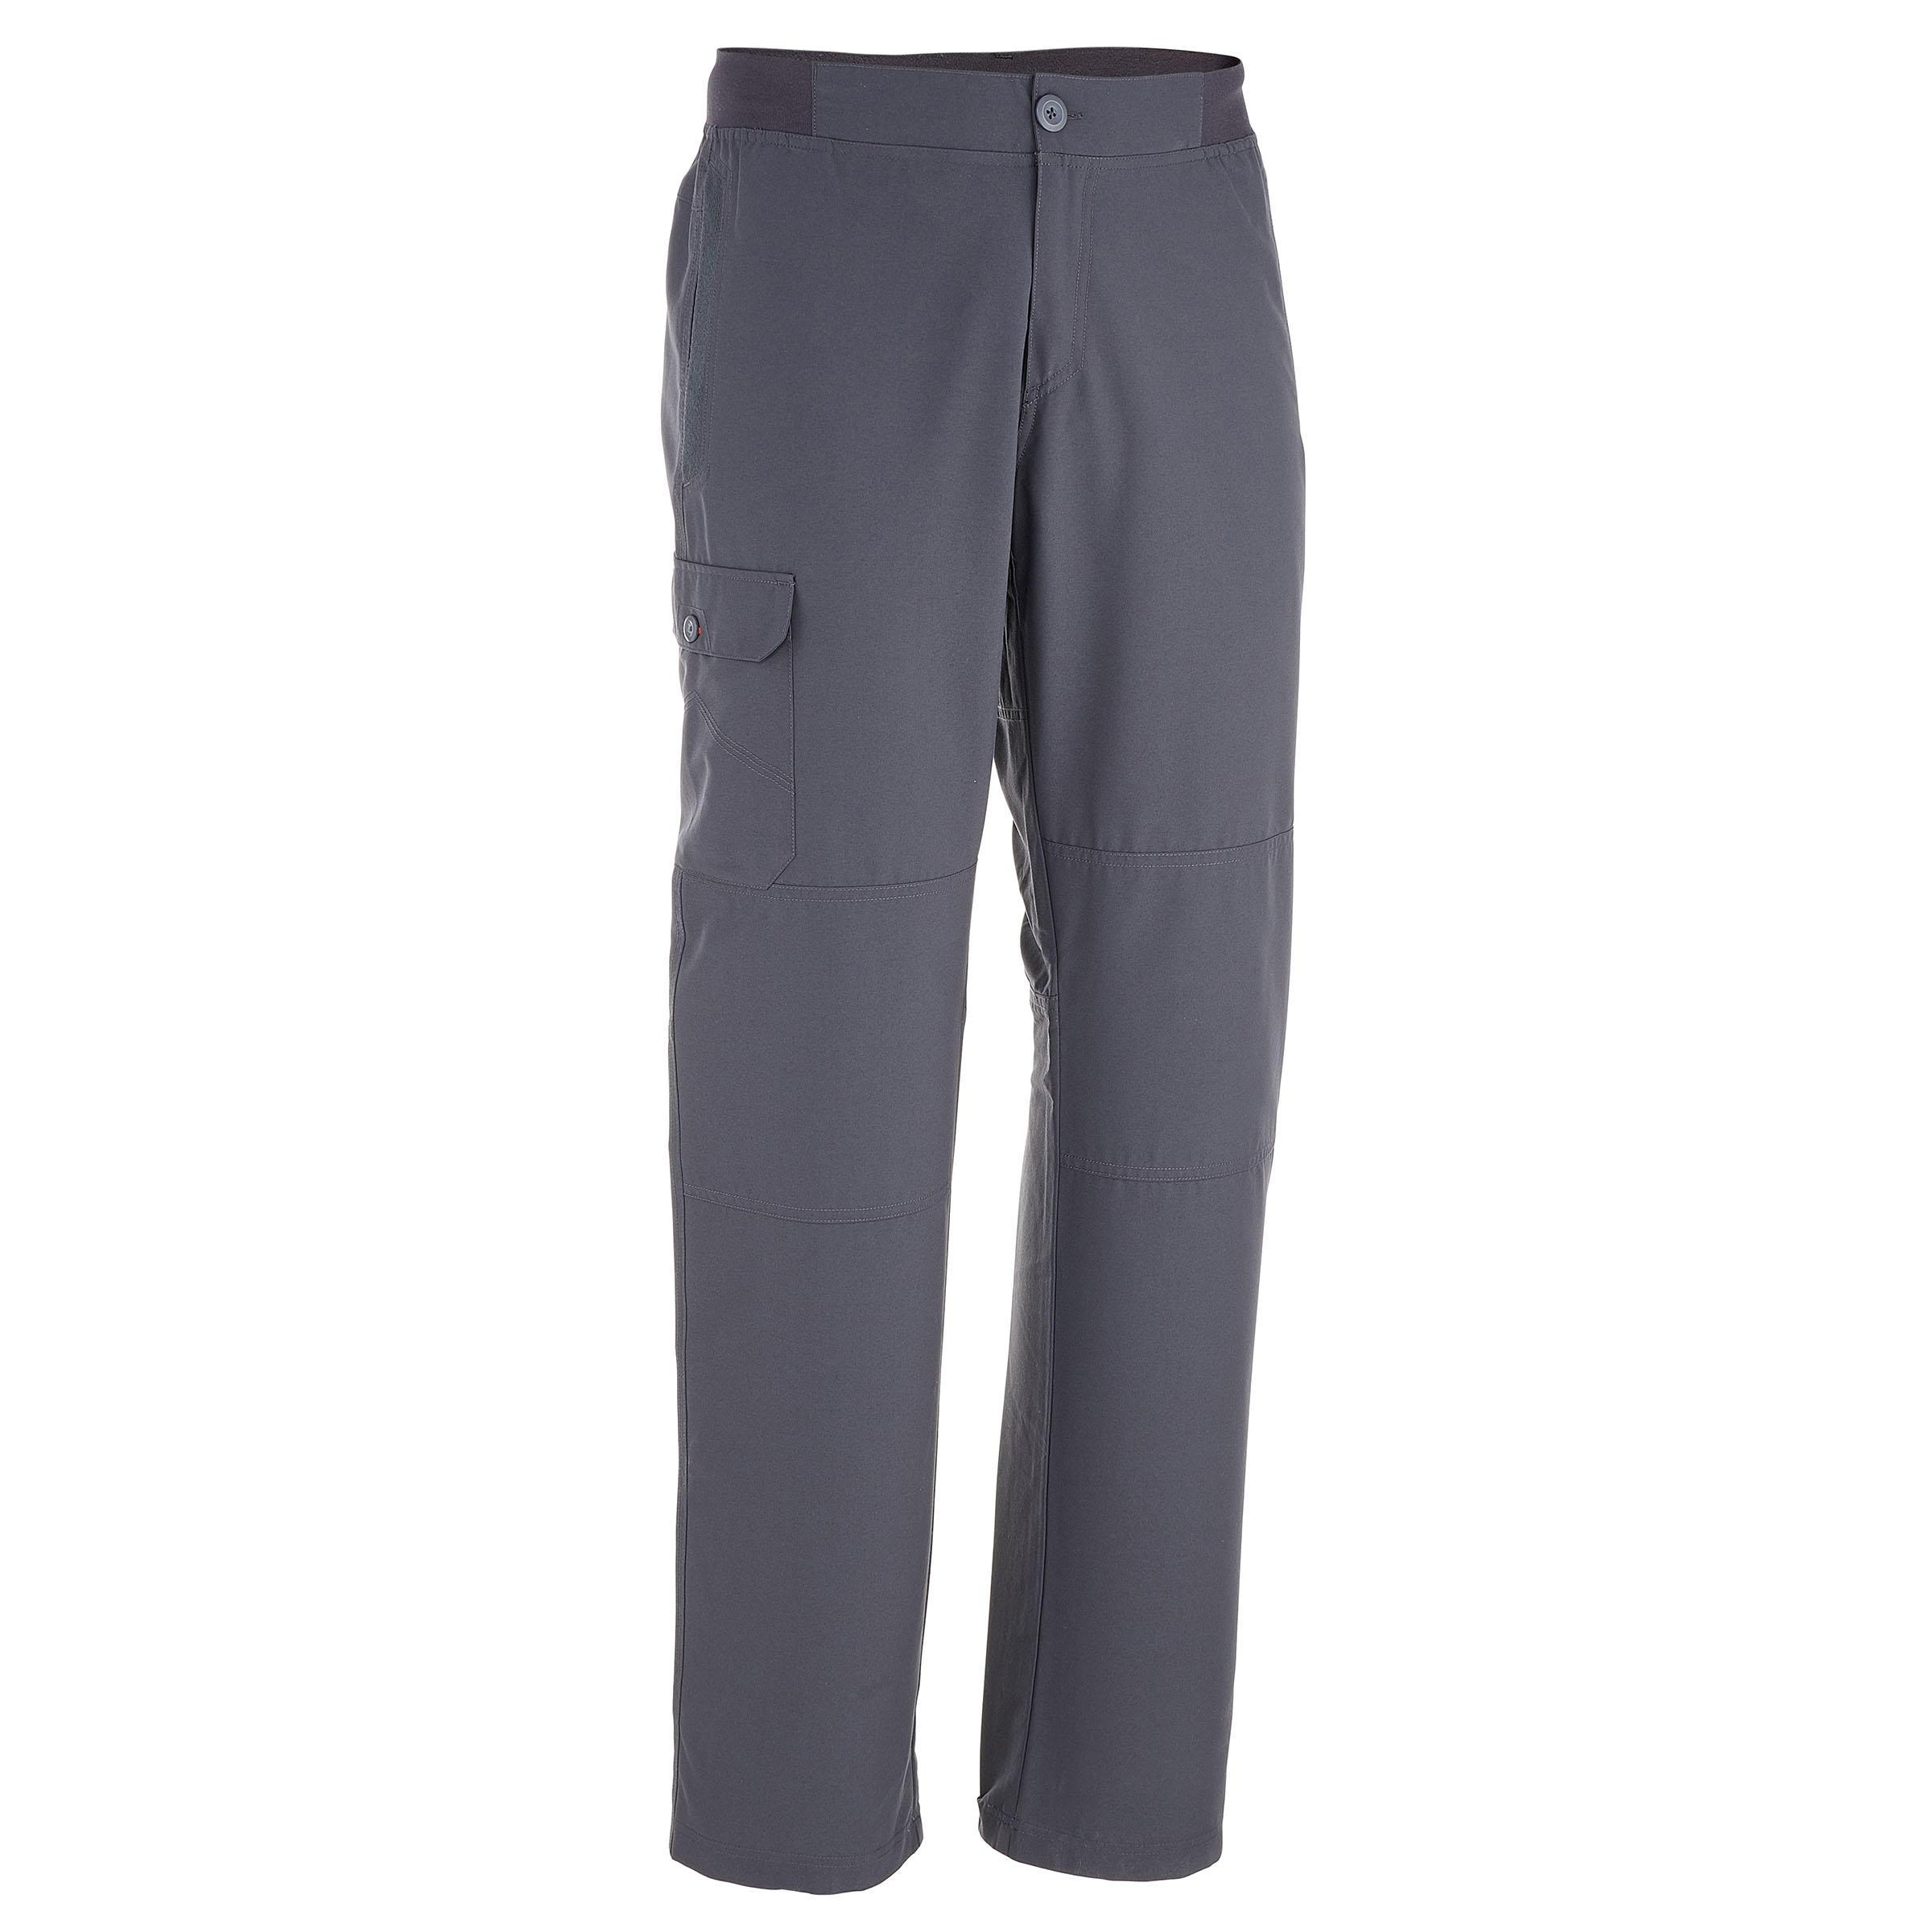 Pantalón campamento caballero Arpenaz 50 gris